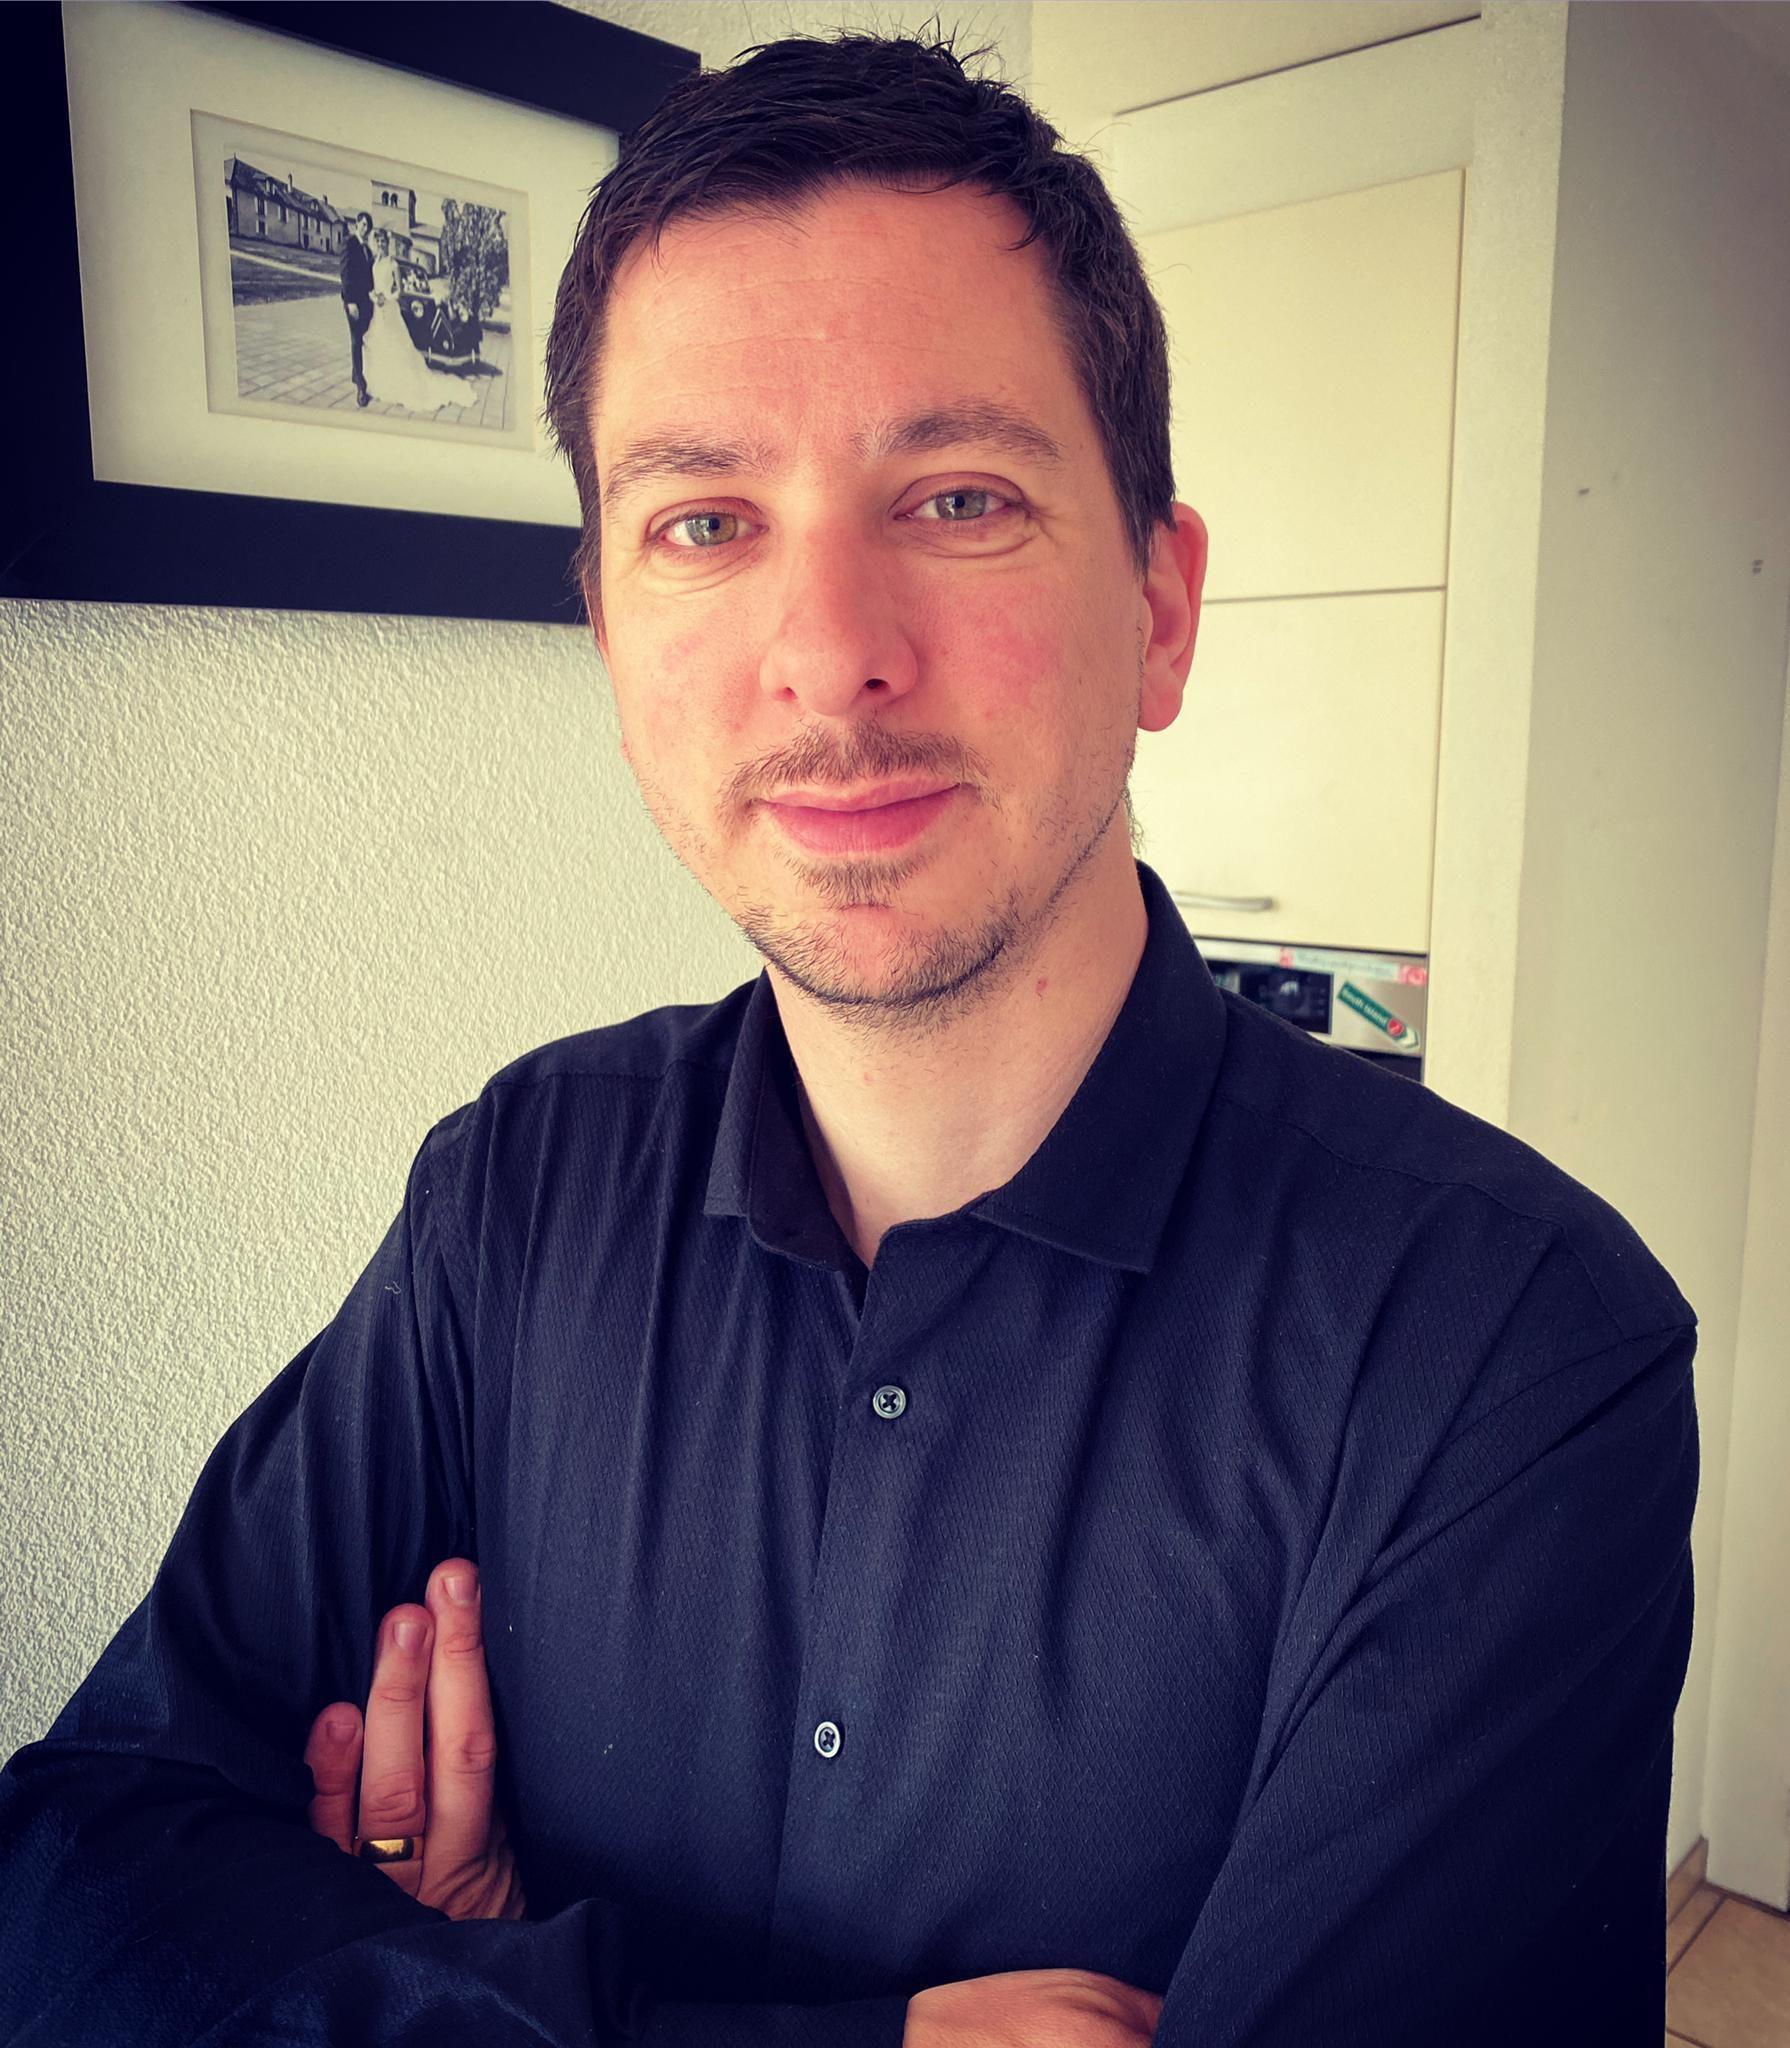 Jérémie Valiton avait succédé à Michel Siegrist au poste directeur de la Ligue pour la lecture de la Bible (LLB) le 1er mai.